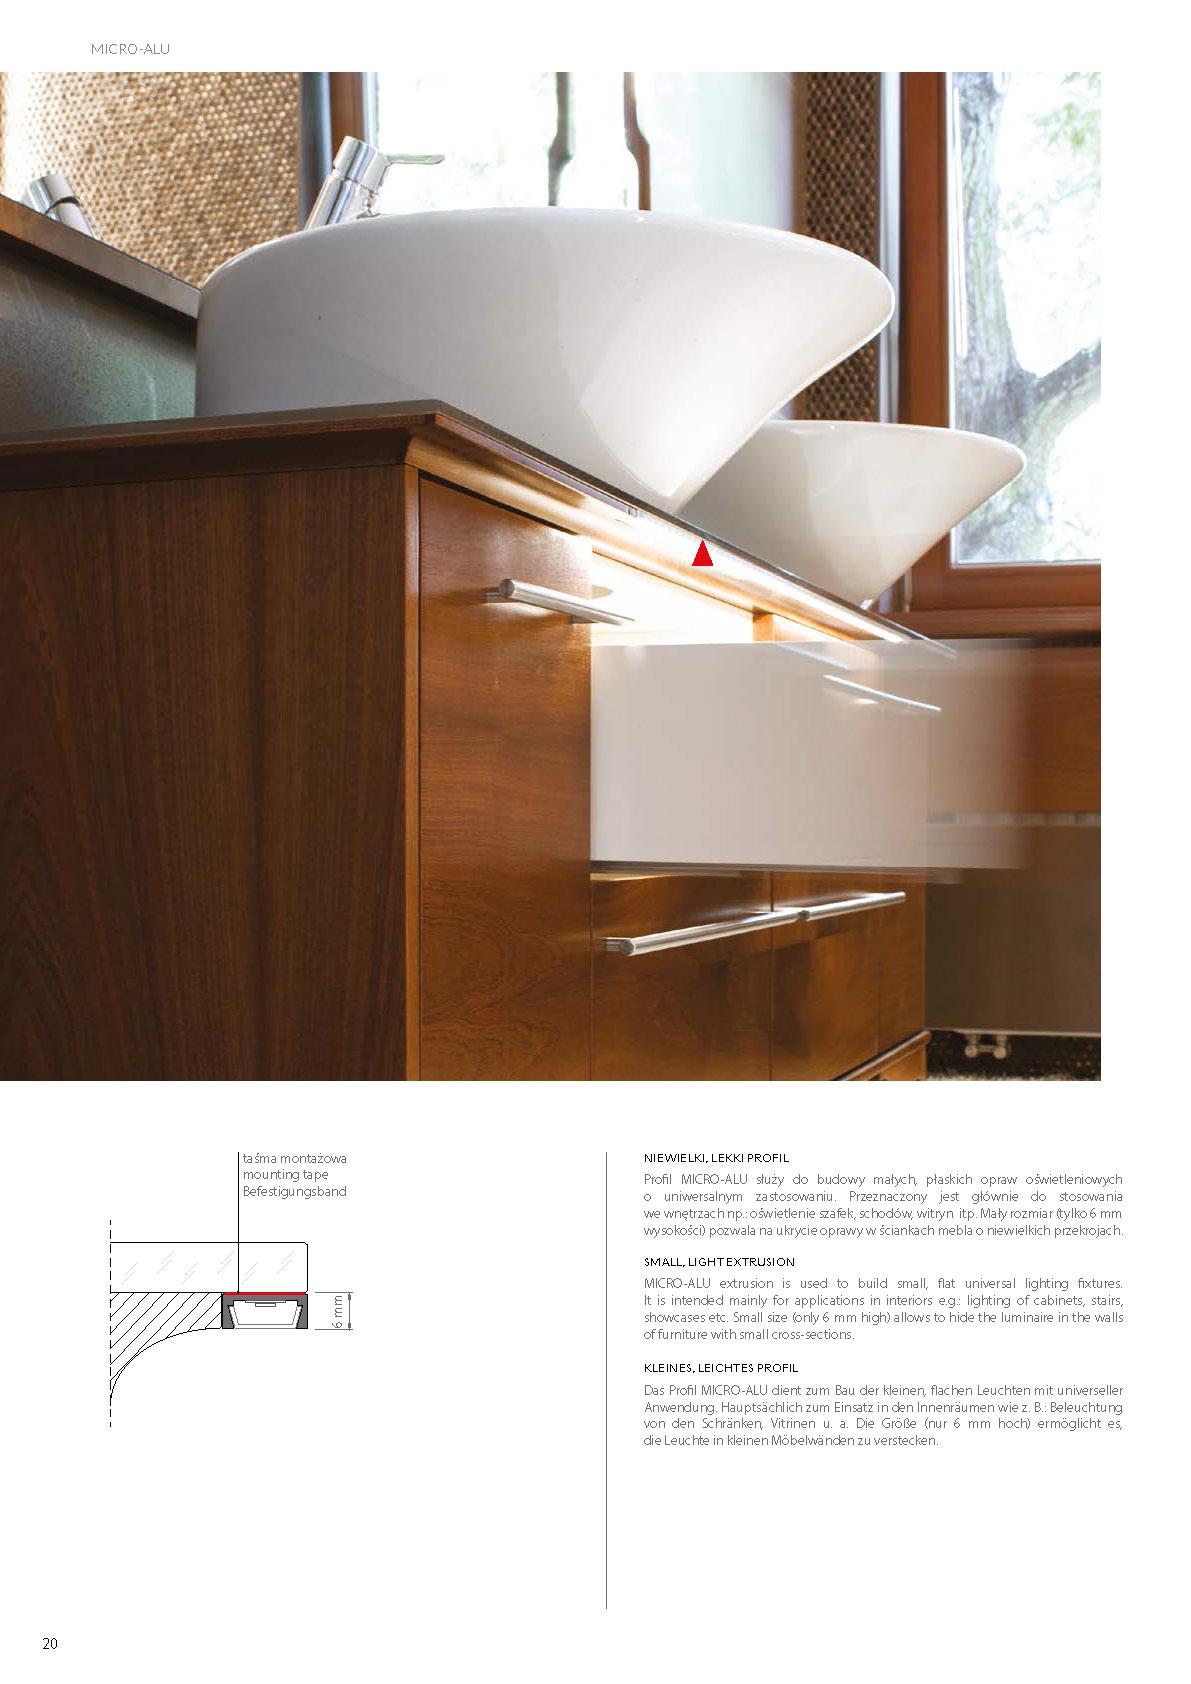 Profile Led Micro Nu Pro 8 Alu Ano Stair Lighting Com